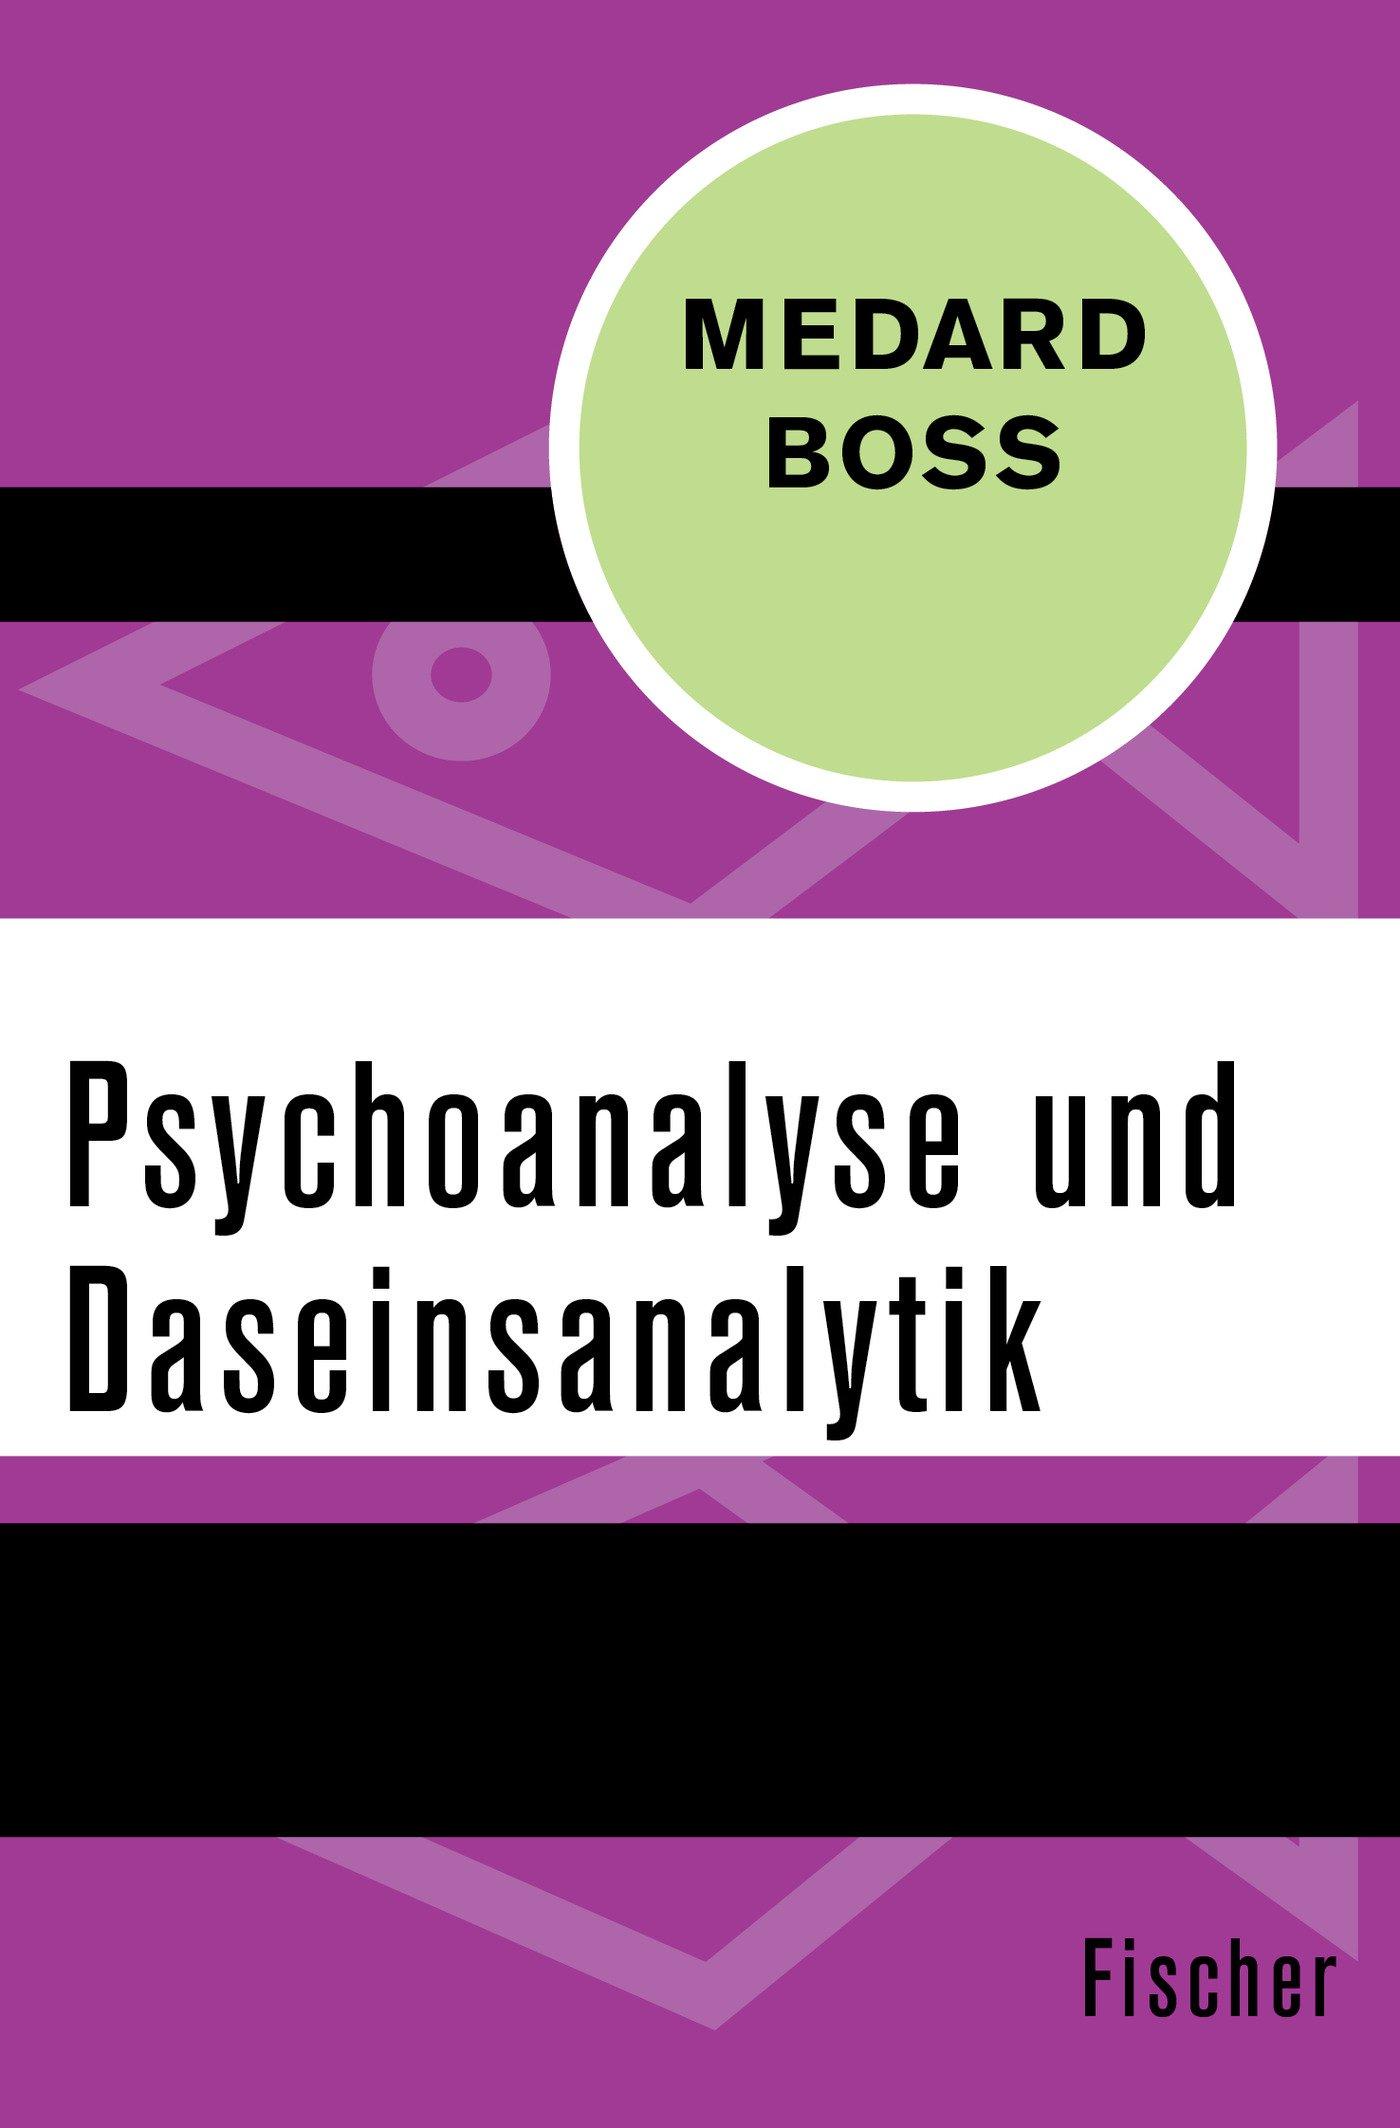 Psychoanalyse und Daseinsanalytik